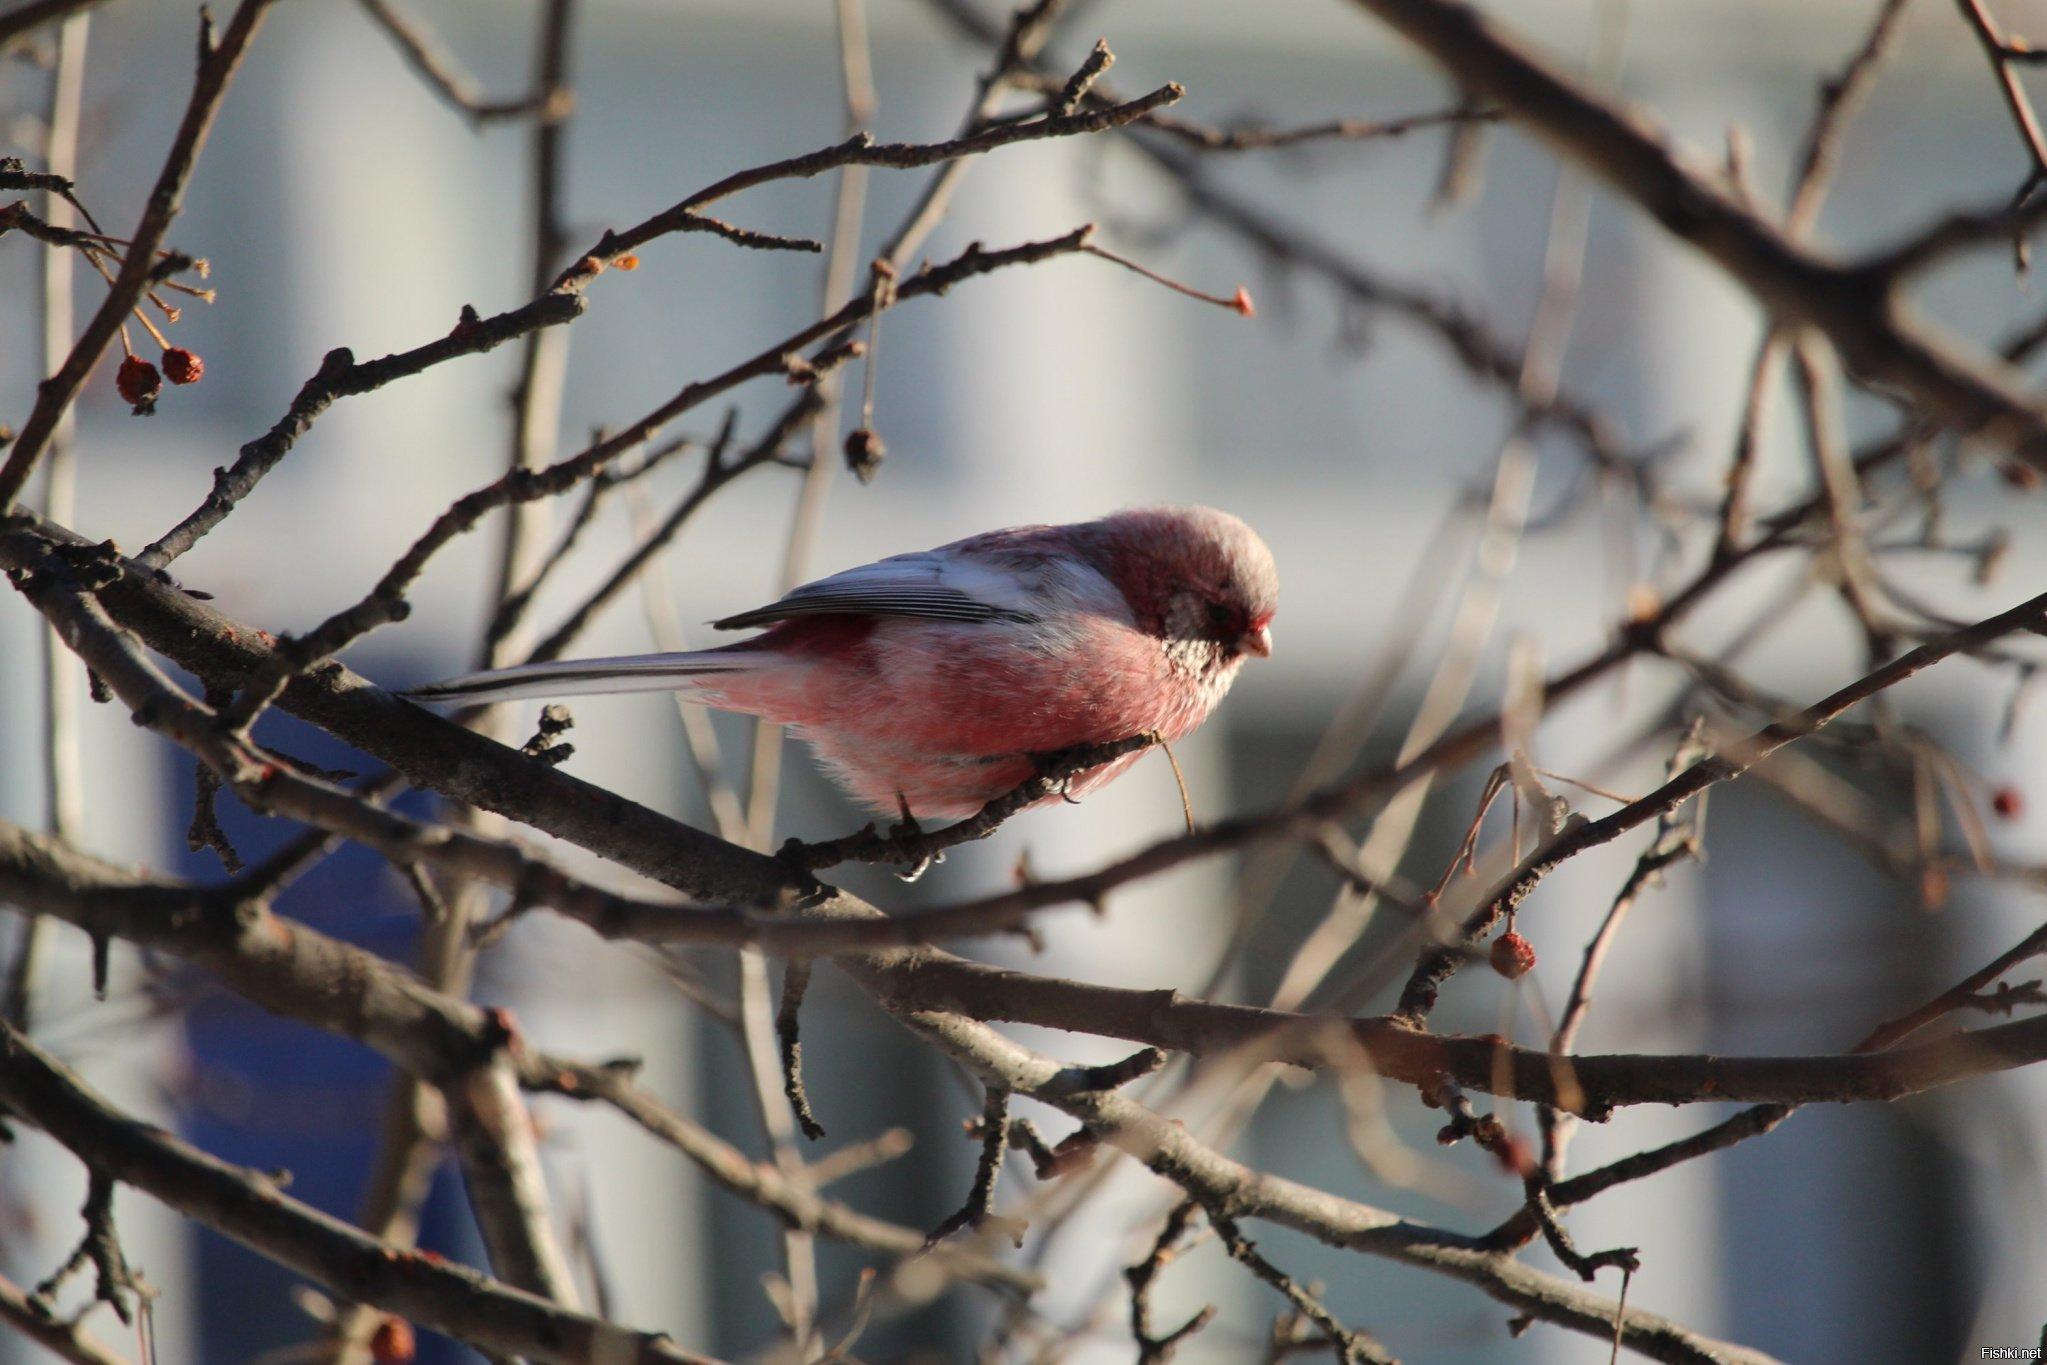 русалка как узнать породу птицы по фотографии располженные вненадельной земле